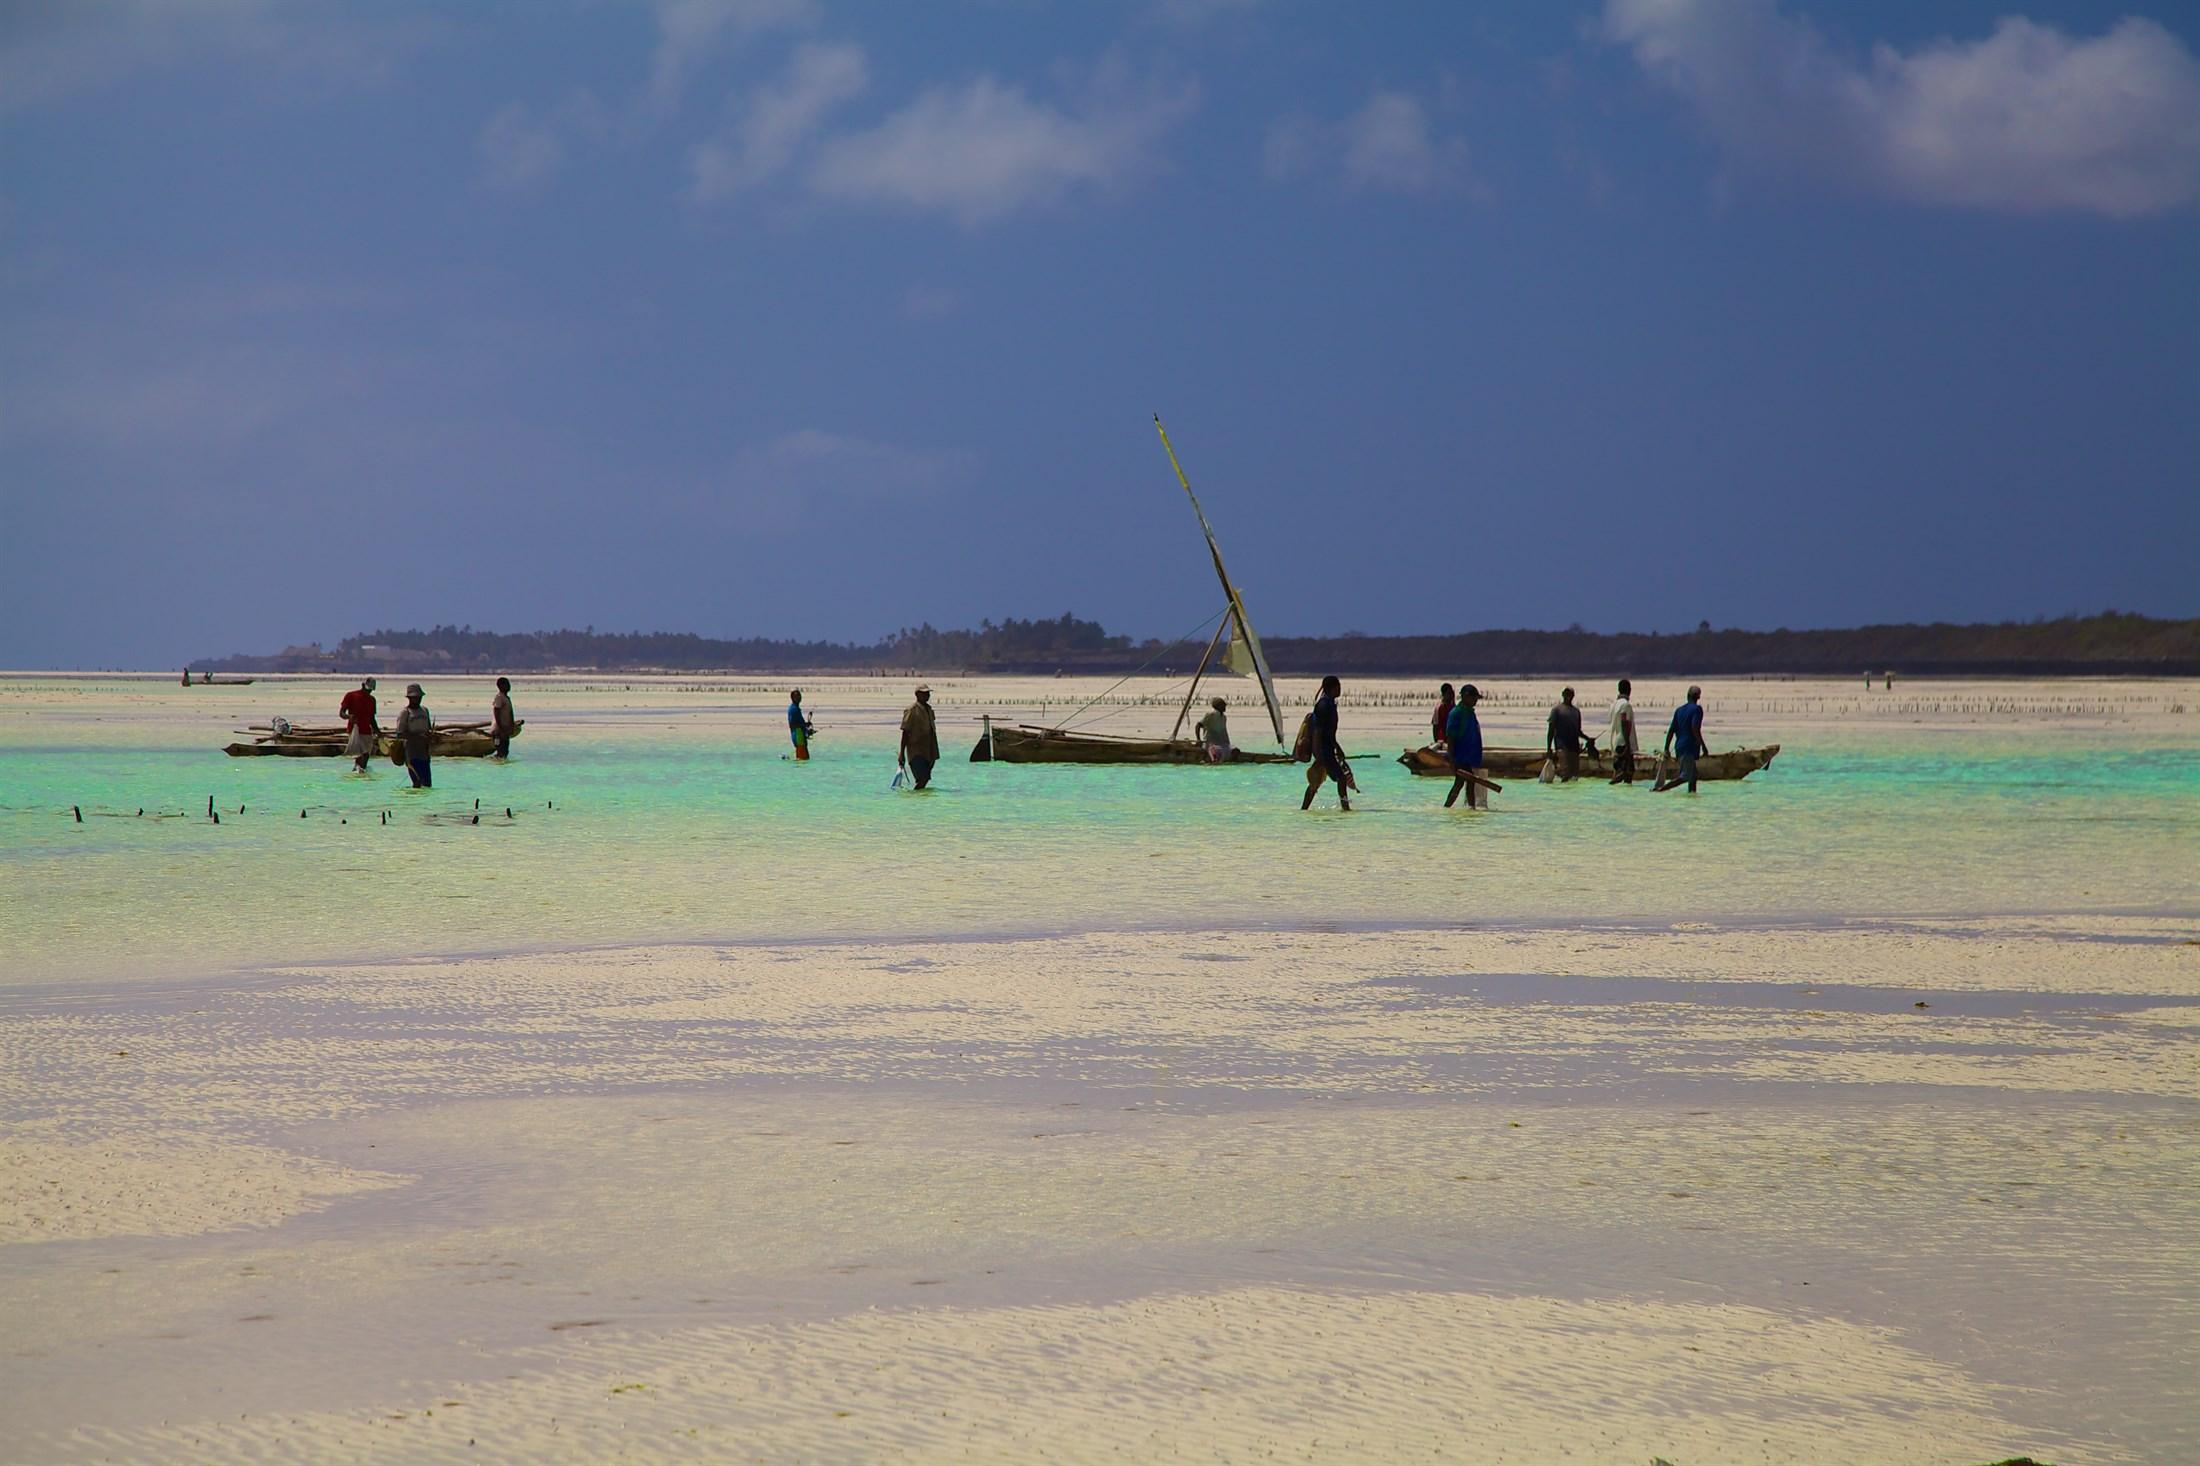 zanzibar-preparing-for-the-days-fishing_f938-2200x1466px